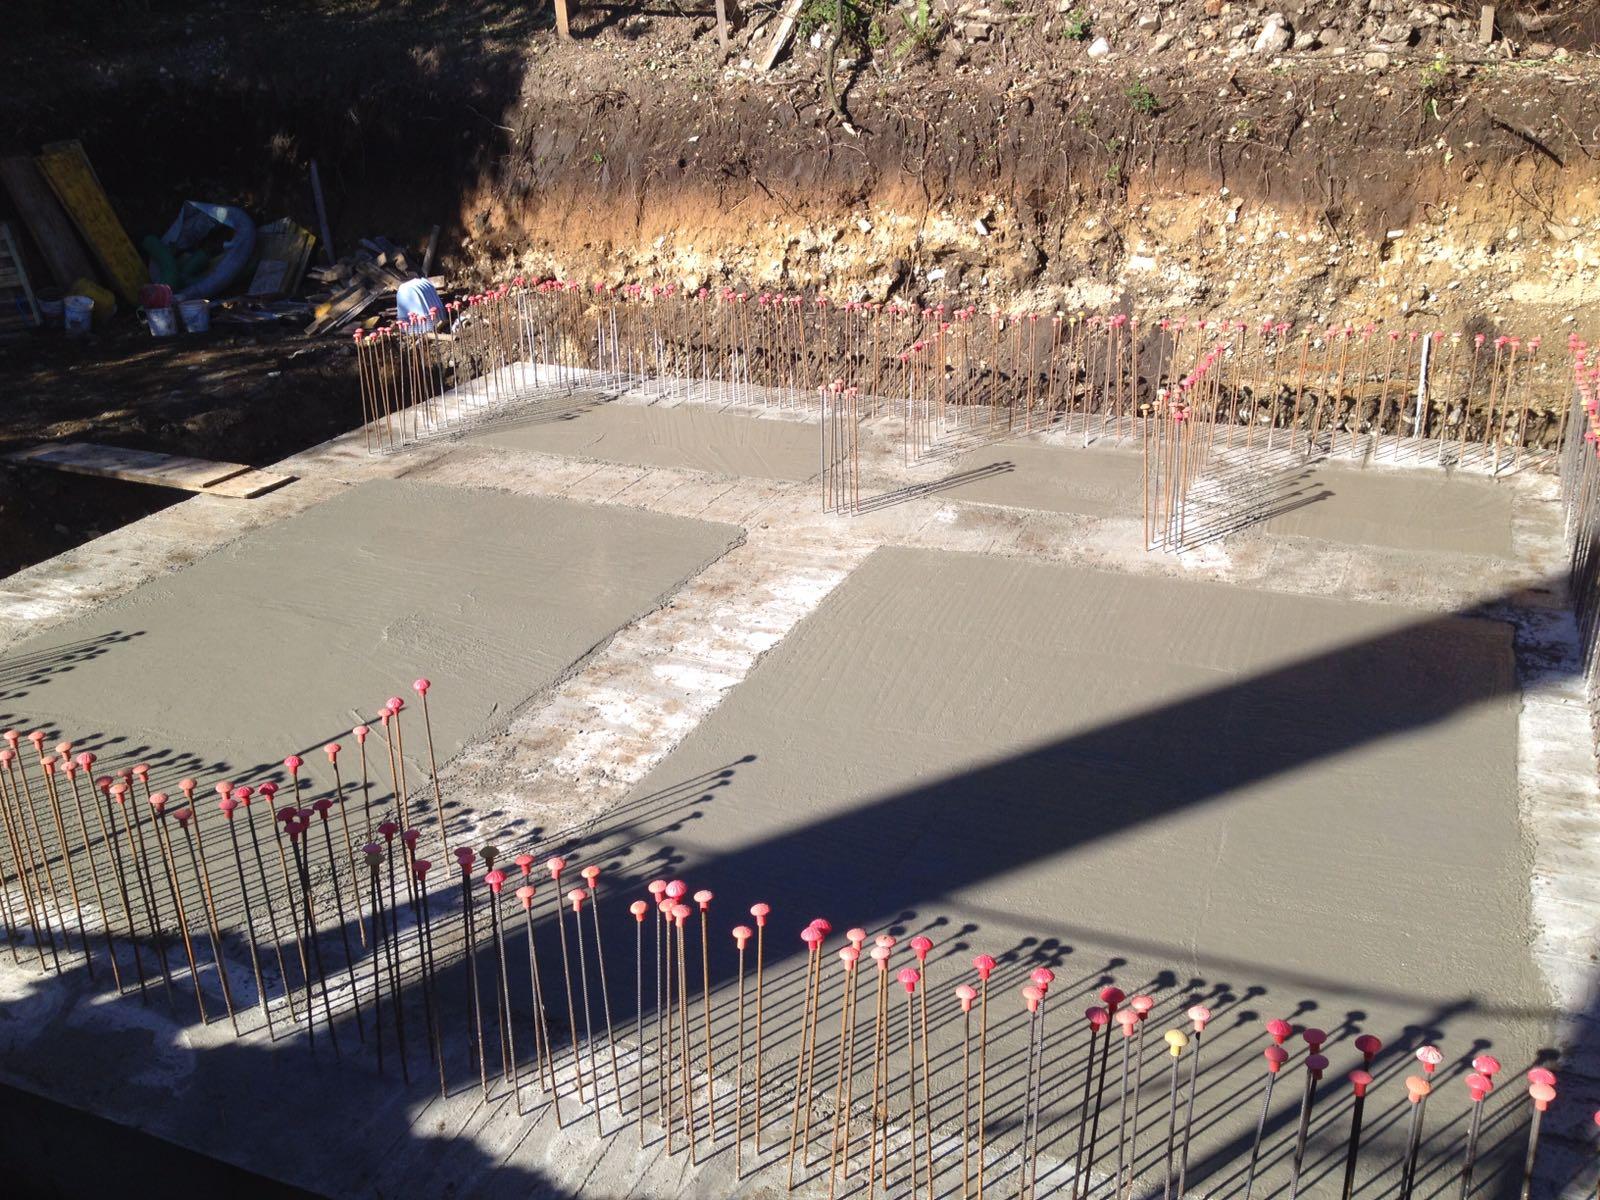 basamento di un edificio con cemento appena steso